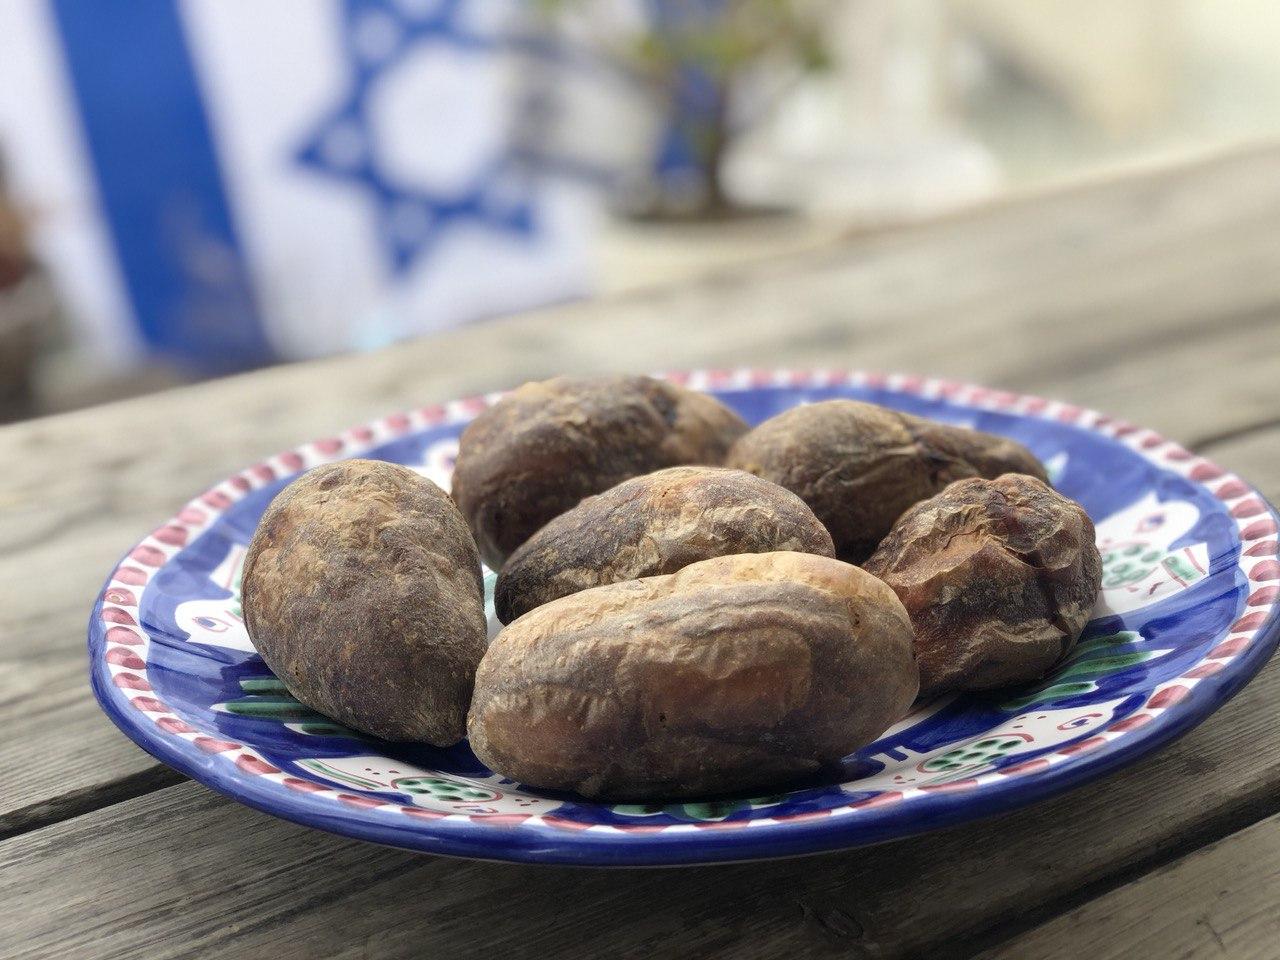 תפוחי אדמה בטעם של מדורה (צילום: תיקי גולן)